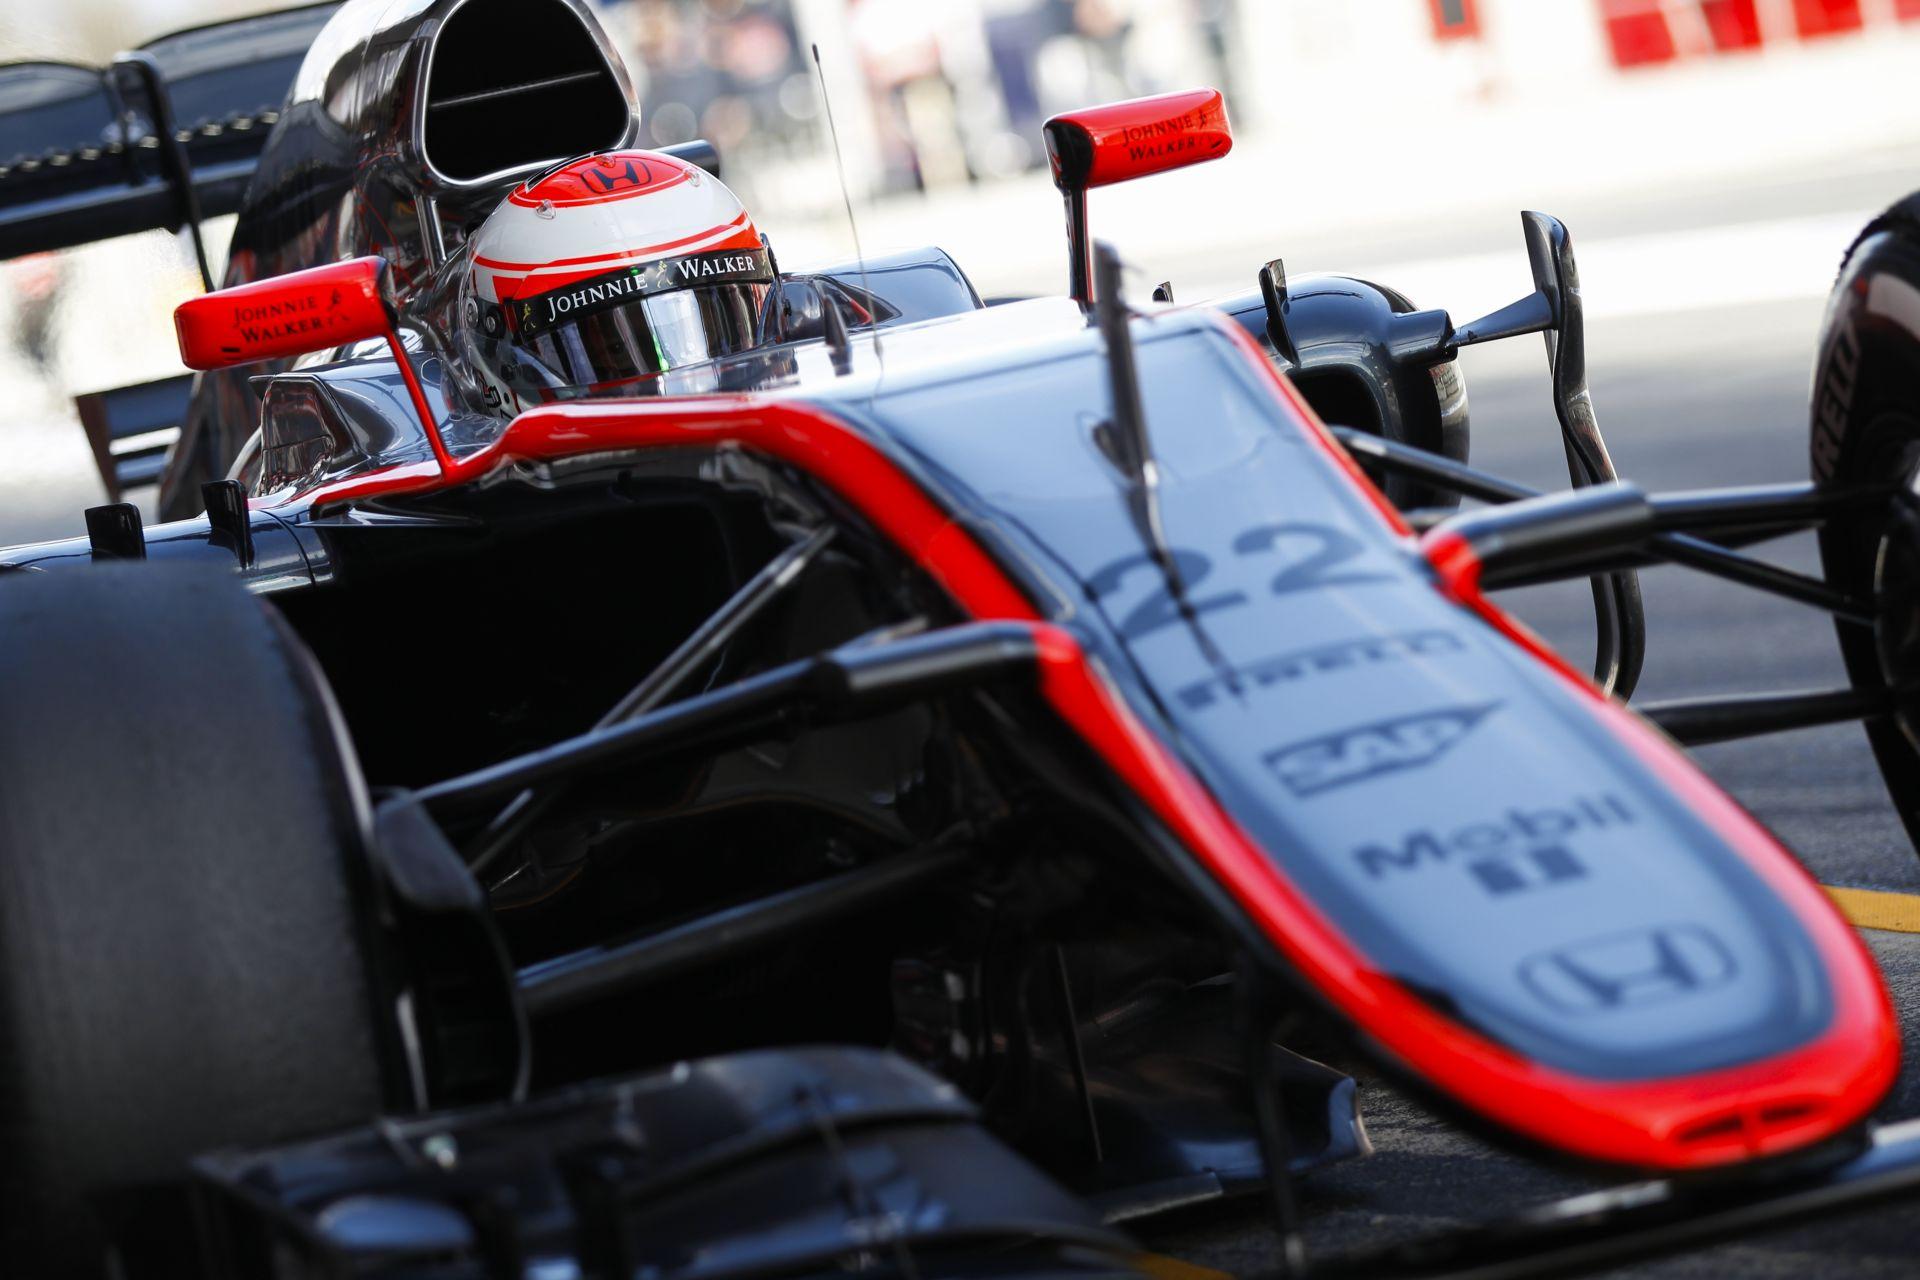 Kigurul a bokszból a McLaren-Honda: Messziről hallani, hogy az MP4-30 az